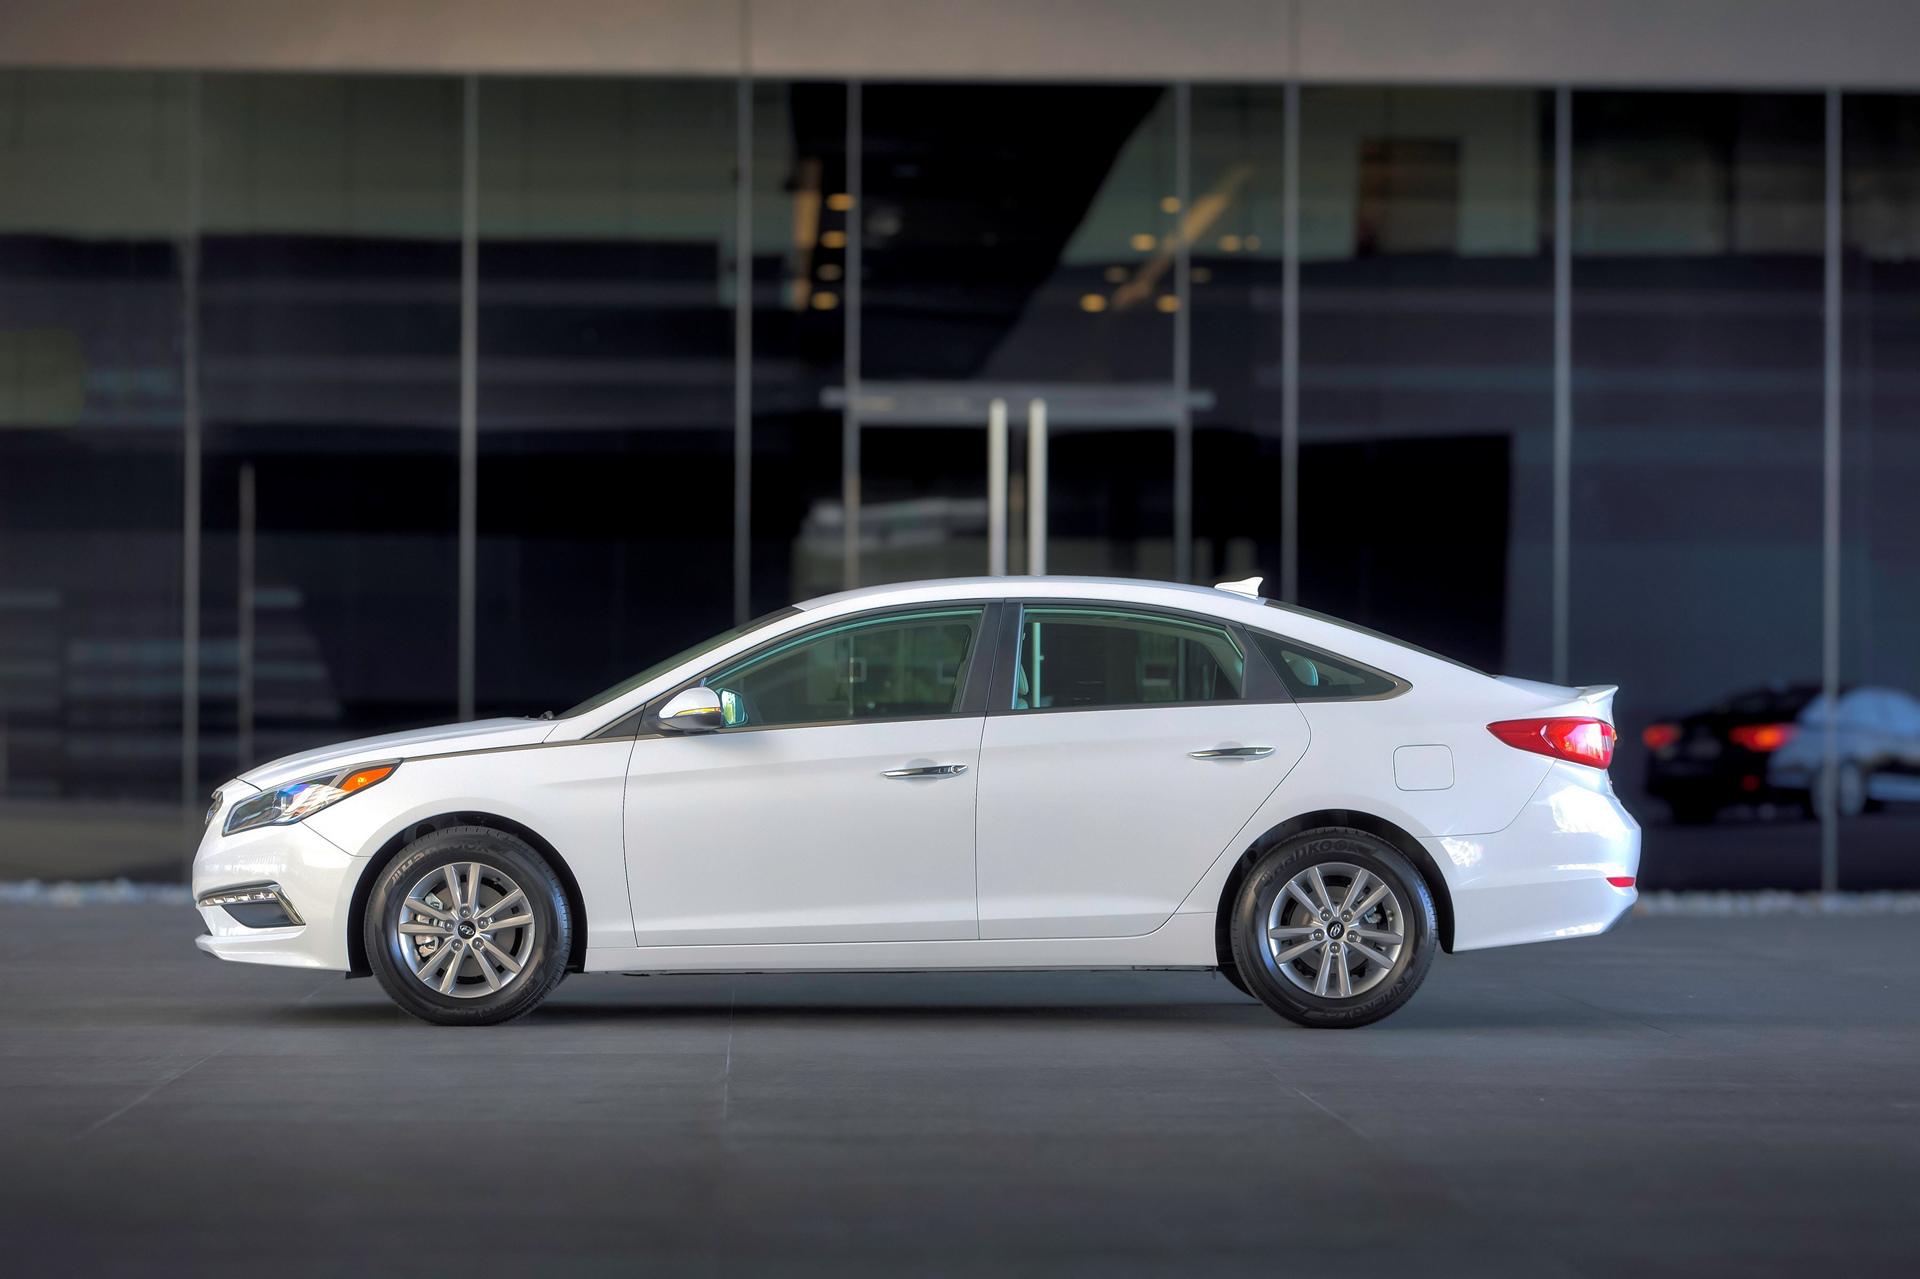 2016 Hyundai Sonata Eco © Hyundai Motor Company